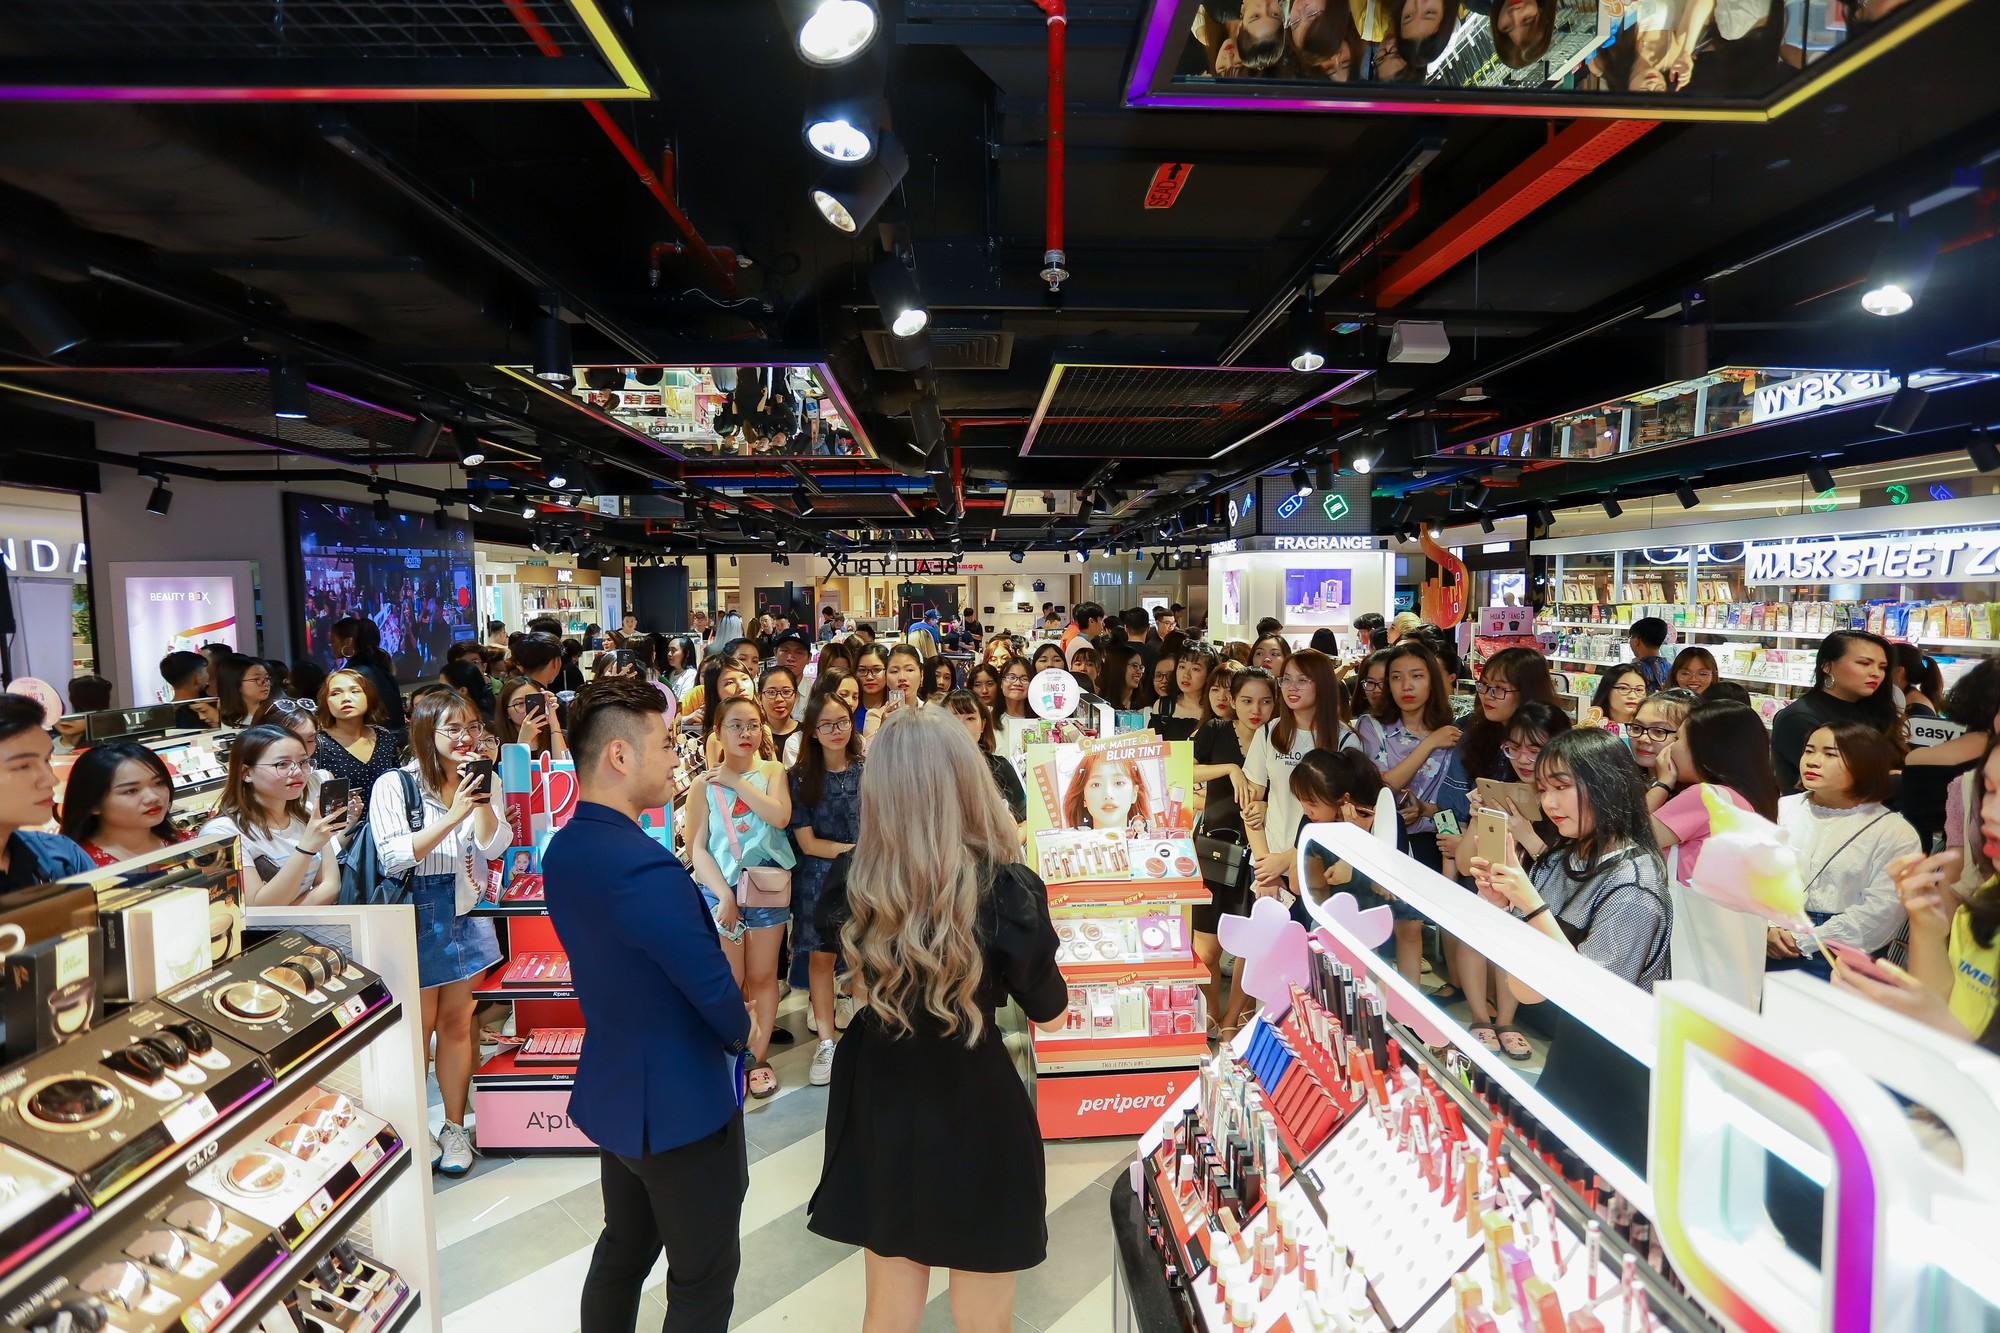 """Hơn 3.000 chị em hưởng ứng tuyên ngôn """"Đẹp bất chấp"""" cùng Beauty Box tại flagship store """"siêu hoành tráng"""" - Ảnh 6."""